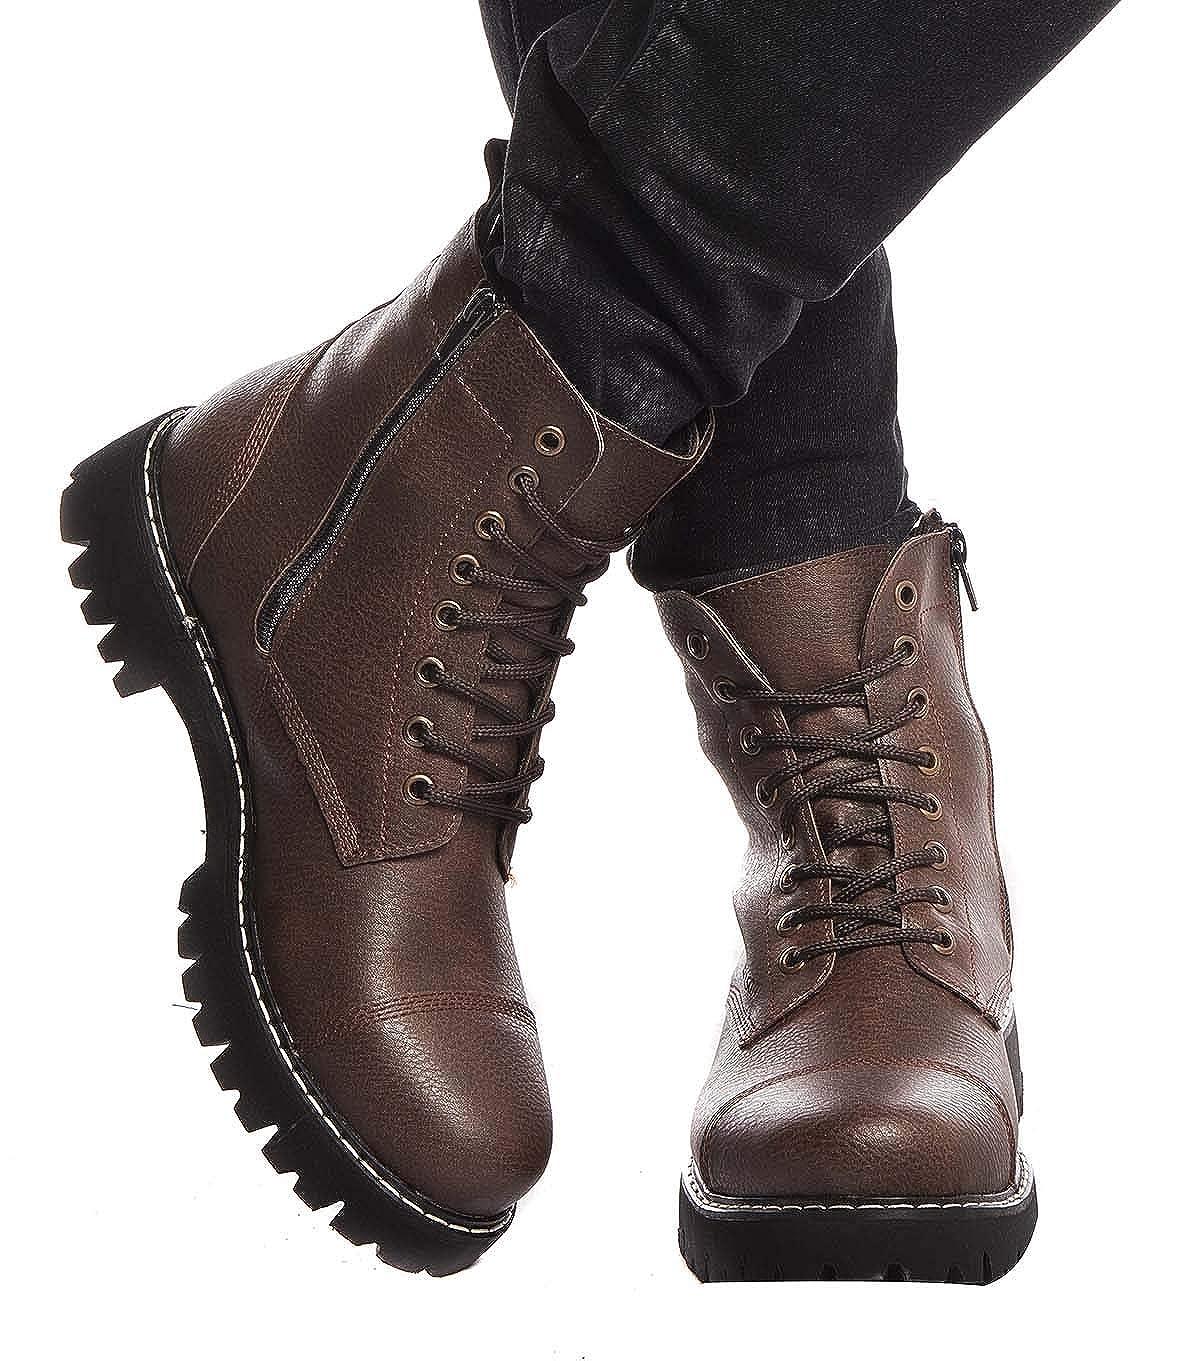 LEIF NELSON Herren Schuhe Klassische Stiefel Freizeitschuhe Stiefel Elegante Winterschuhe Männer Turnschuhe LN156